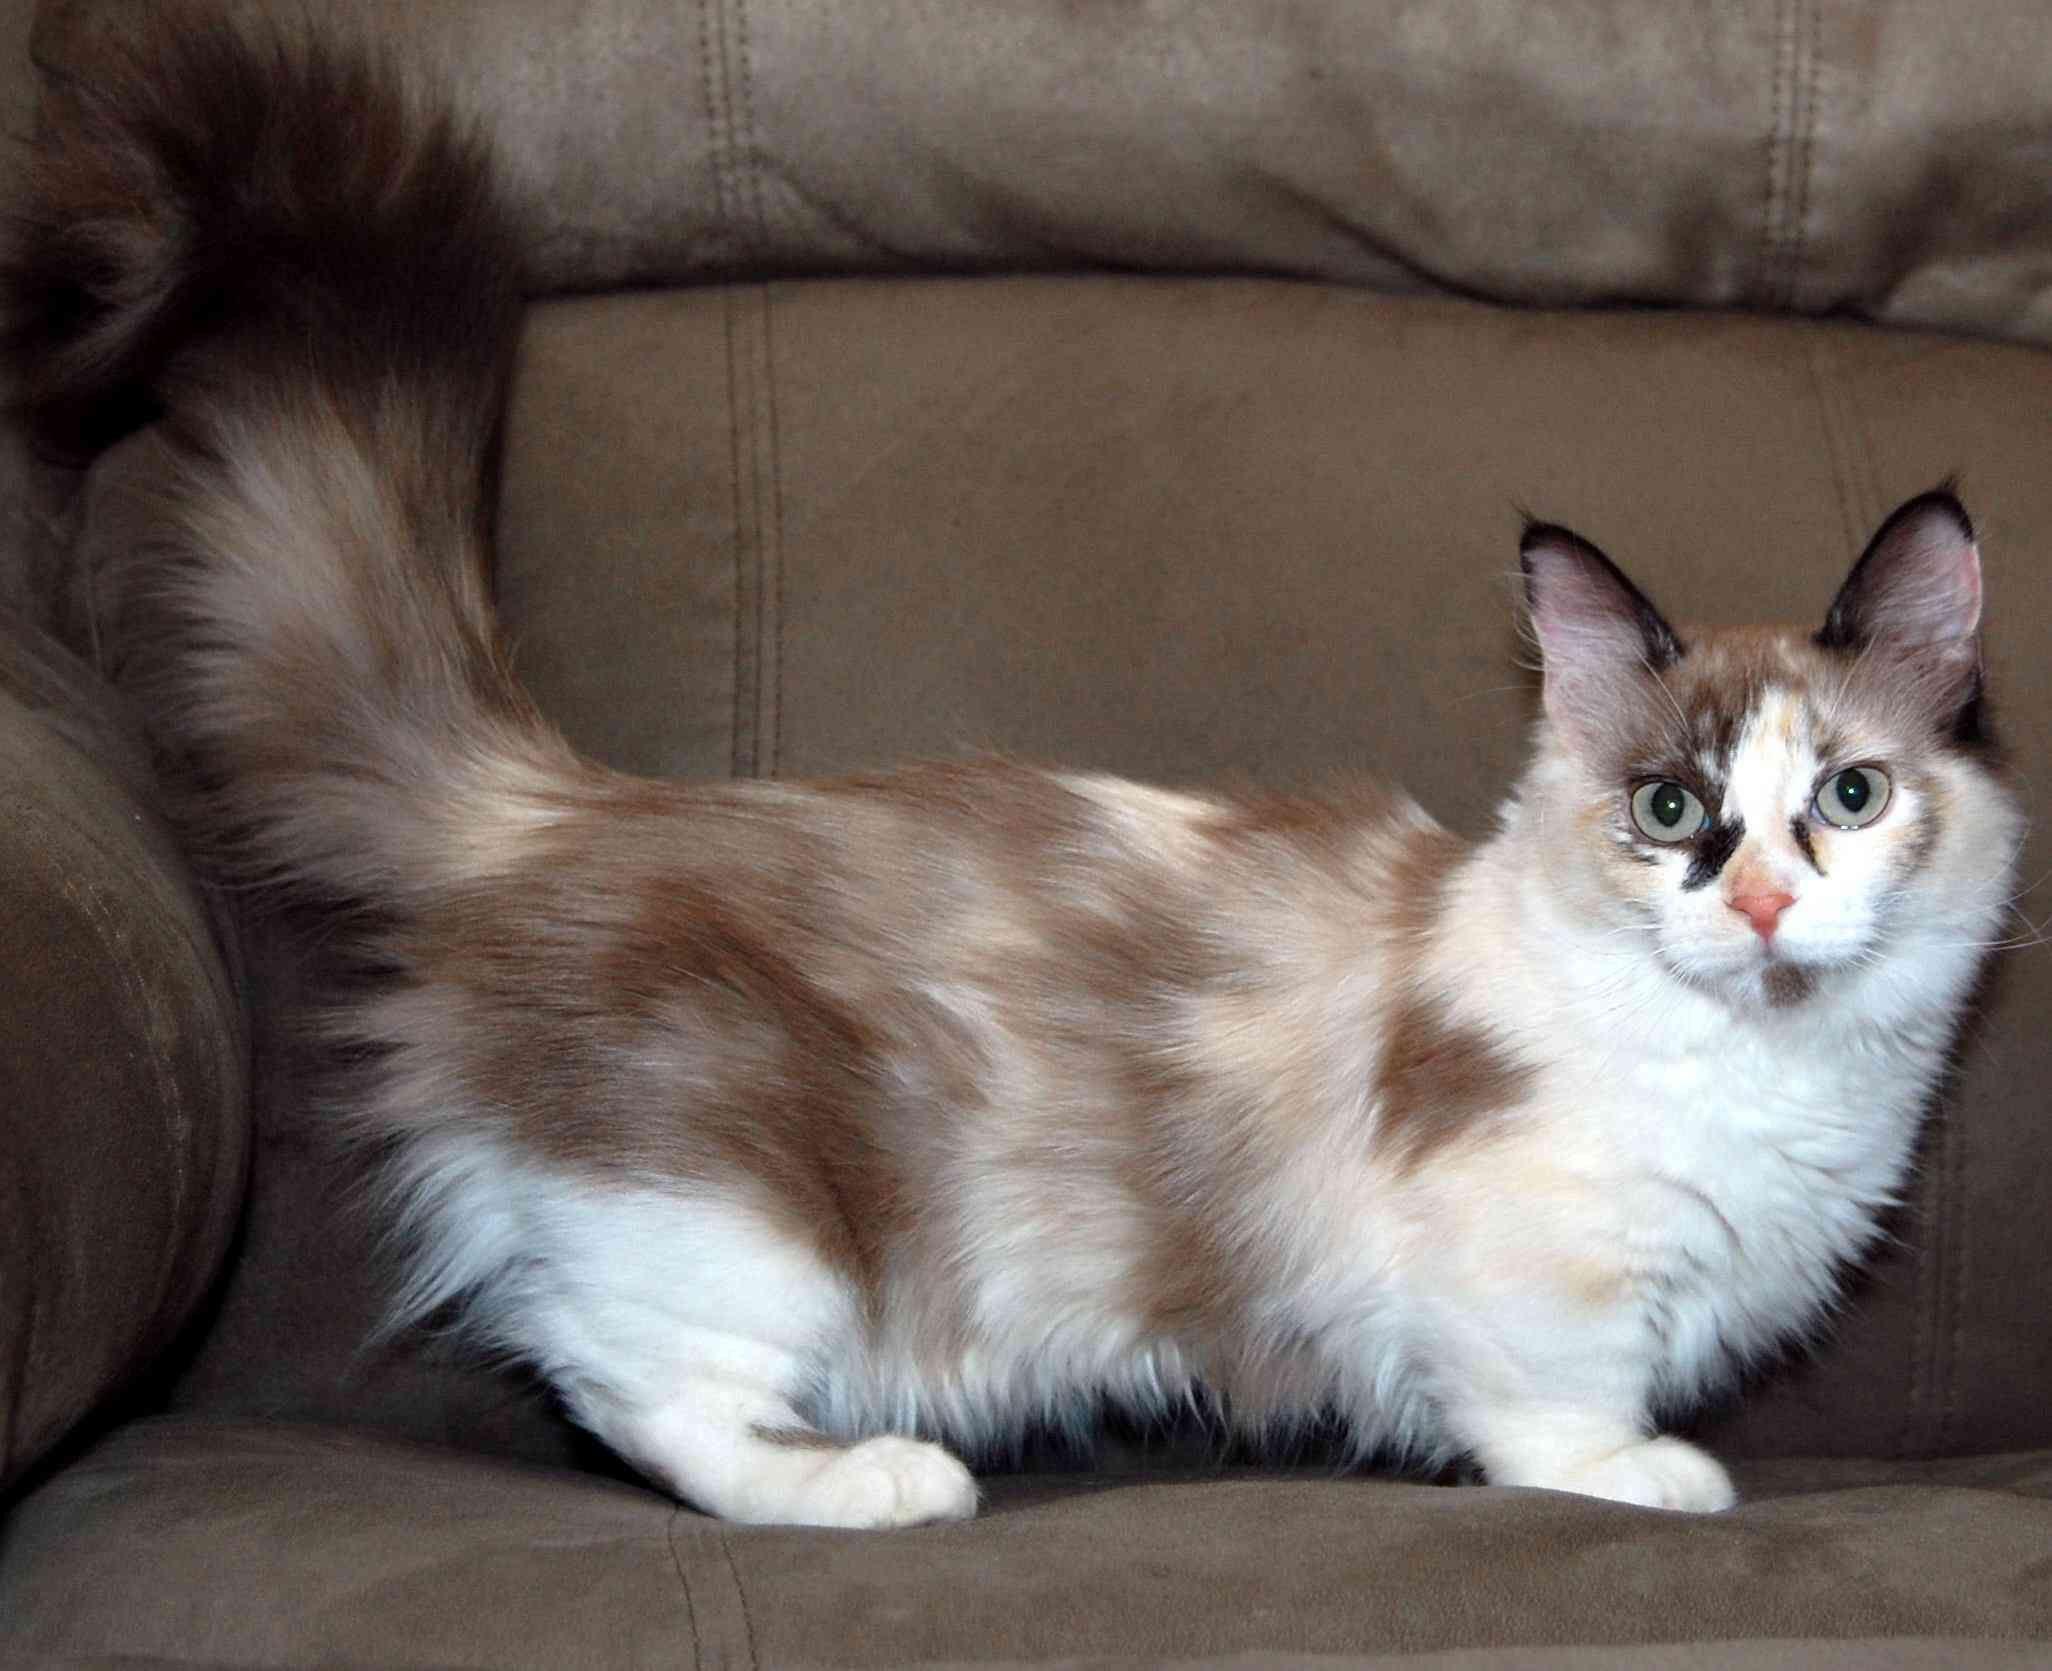 Munchkin Cat Jpg 2052 1671 Munchkin Cat Munchkin Kitten Cat